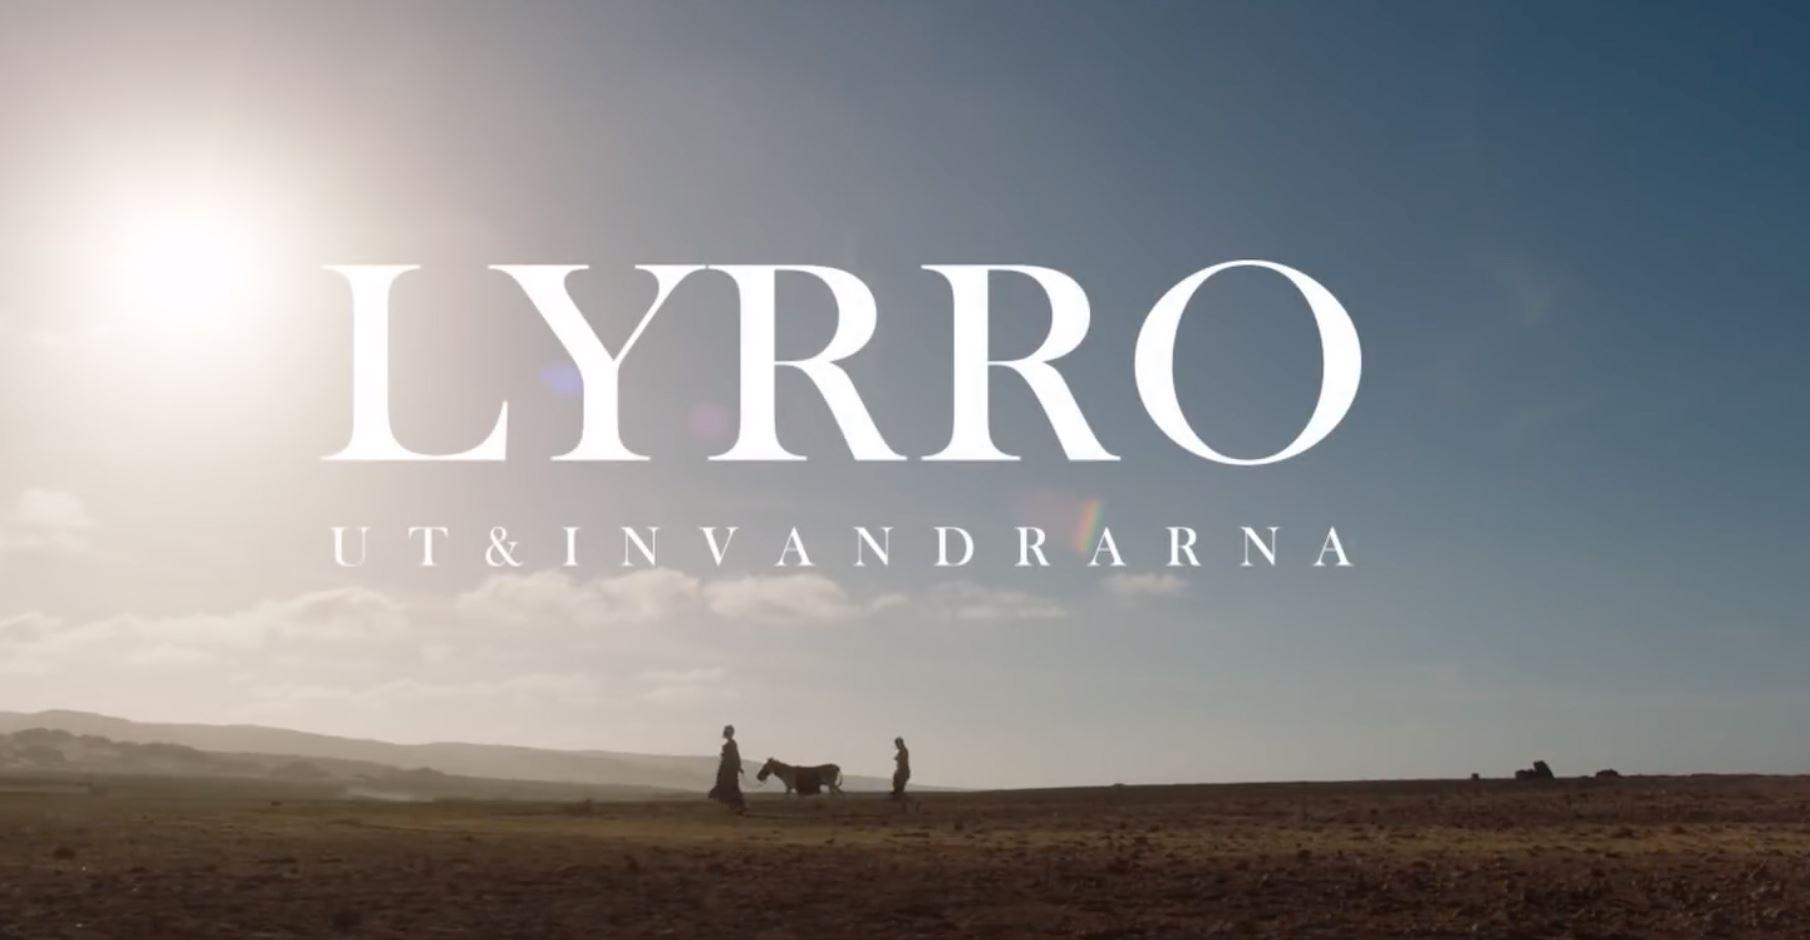 Bio: Lyrro – Ut & invandrarna